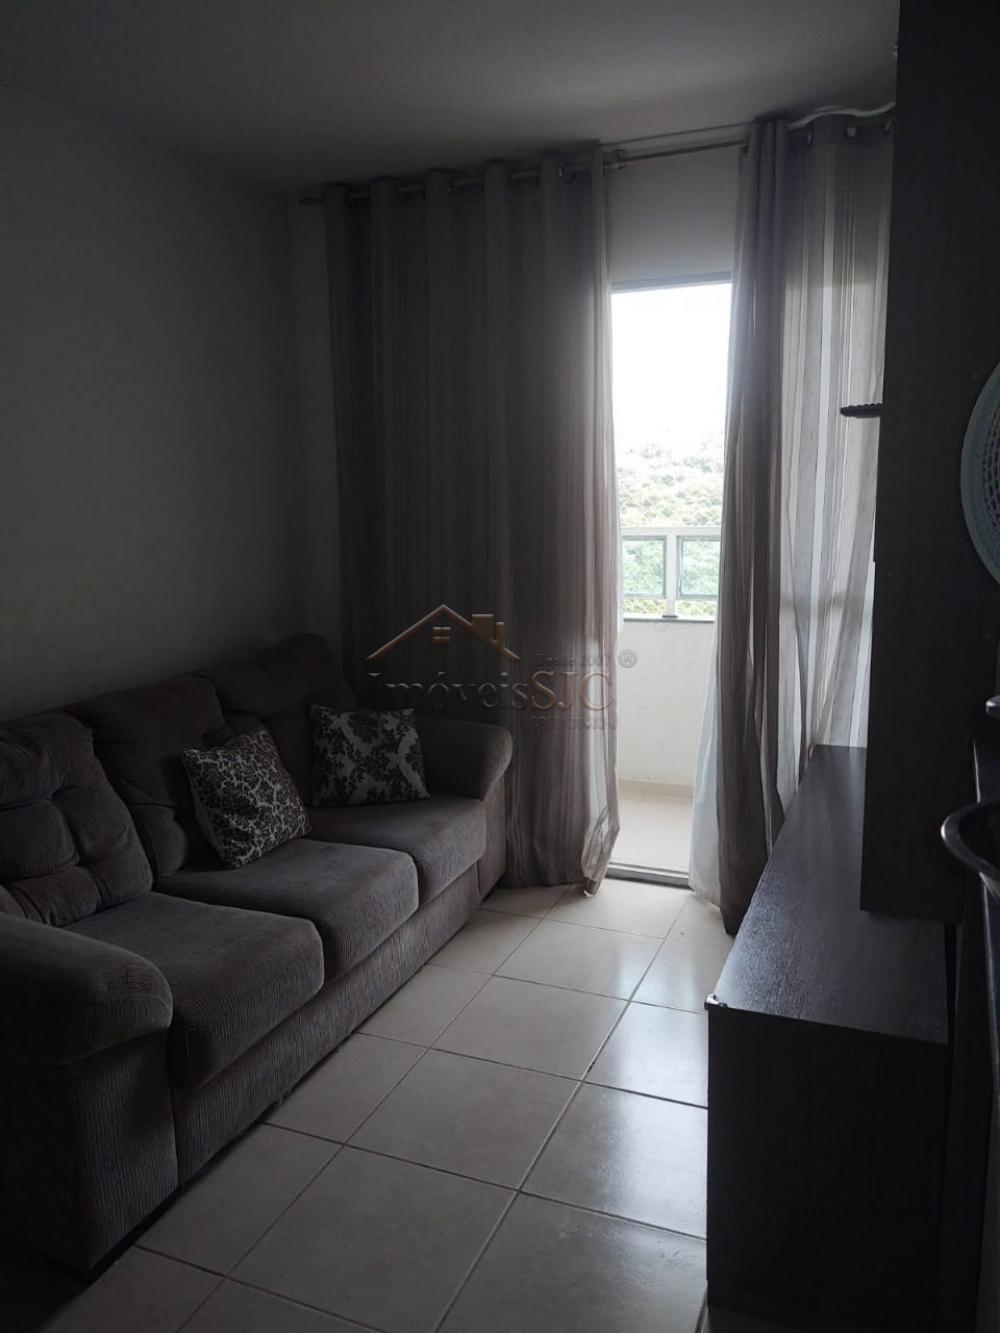 Comprar Apartamentos / Padrão em São José dos Campos apenas R$ 213.000,00 - Foto 9